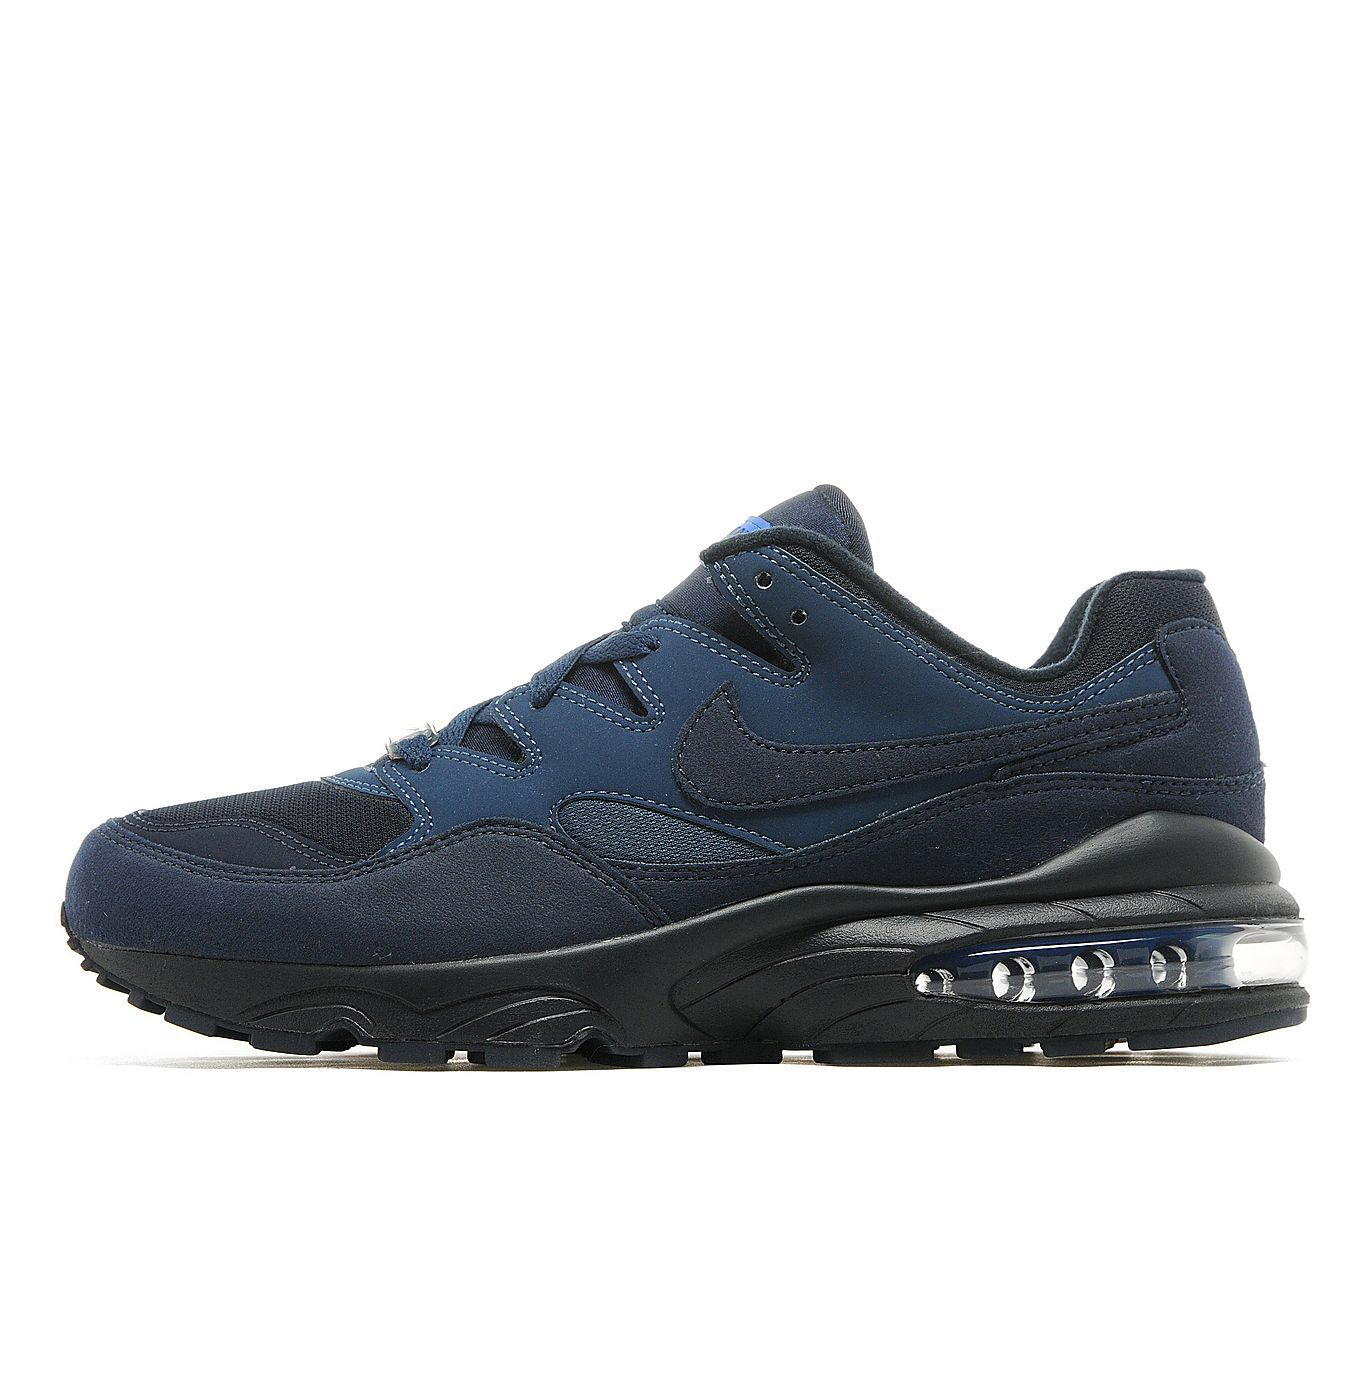 NikeAir Max 94 Air max, Nike air max